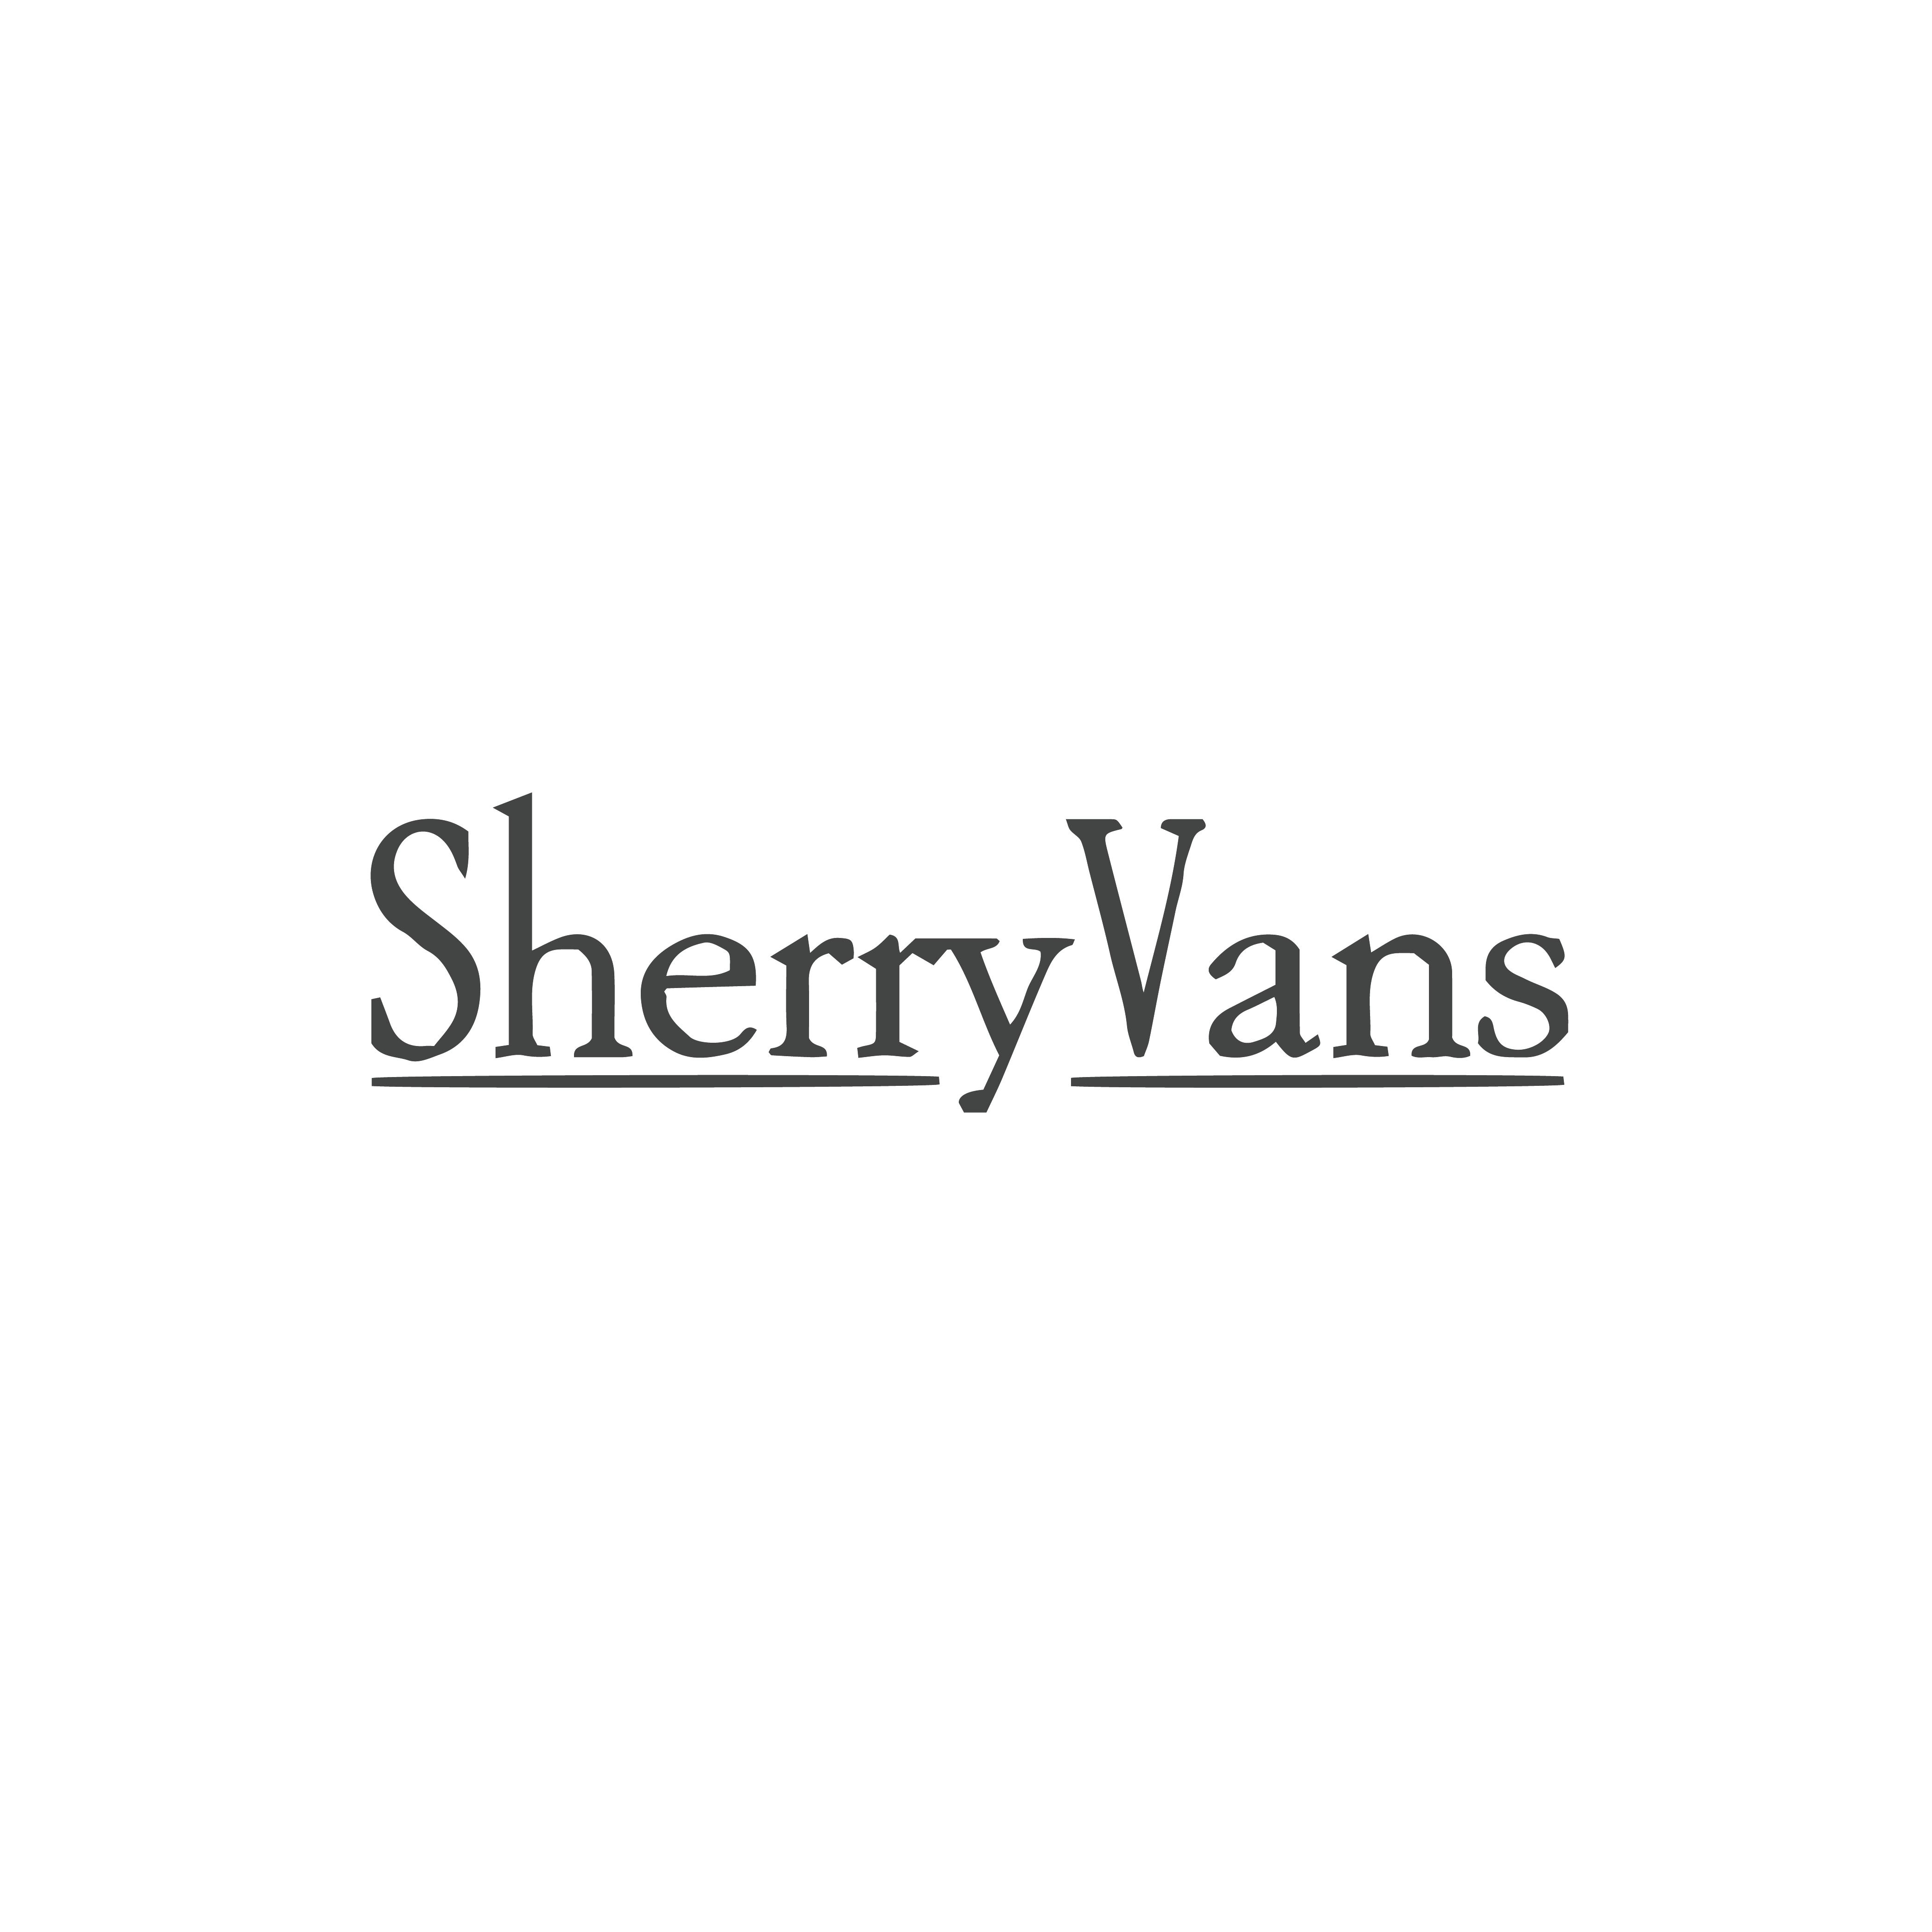 Sherry Vans